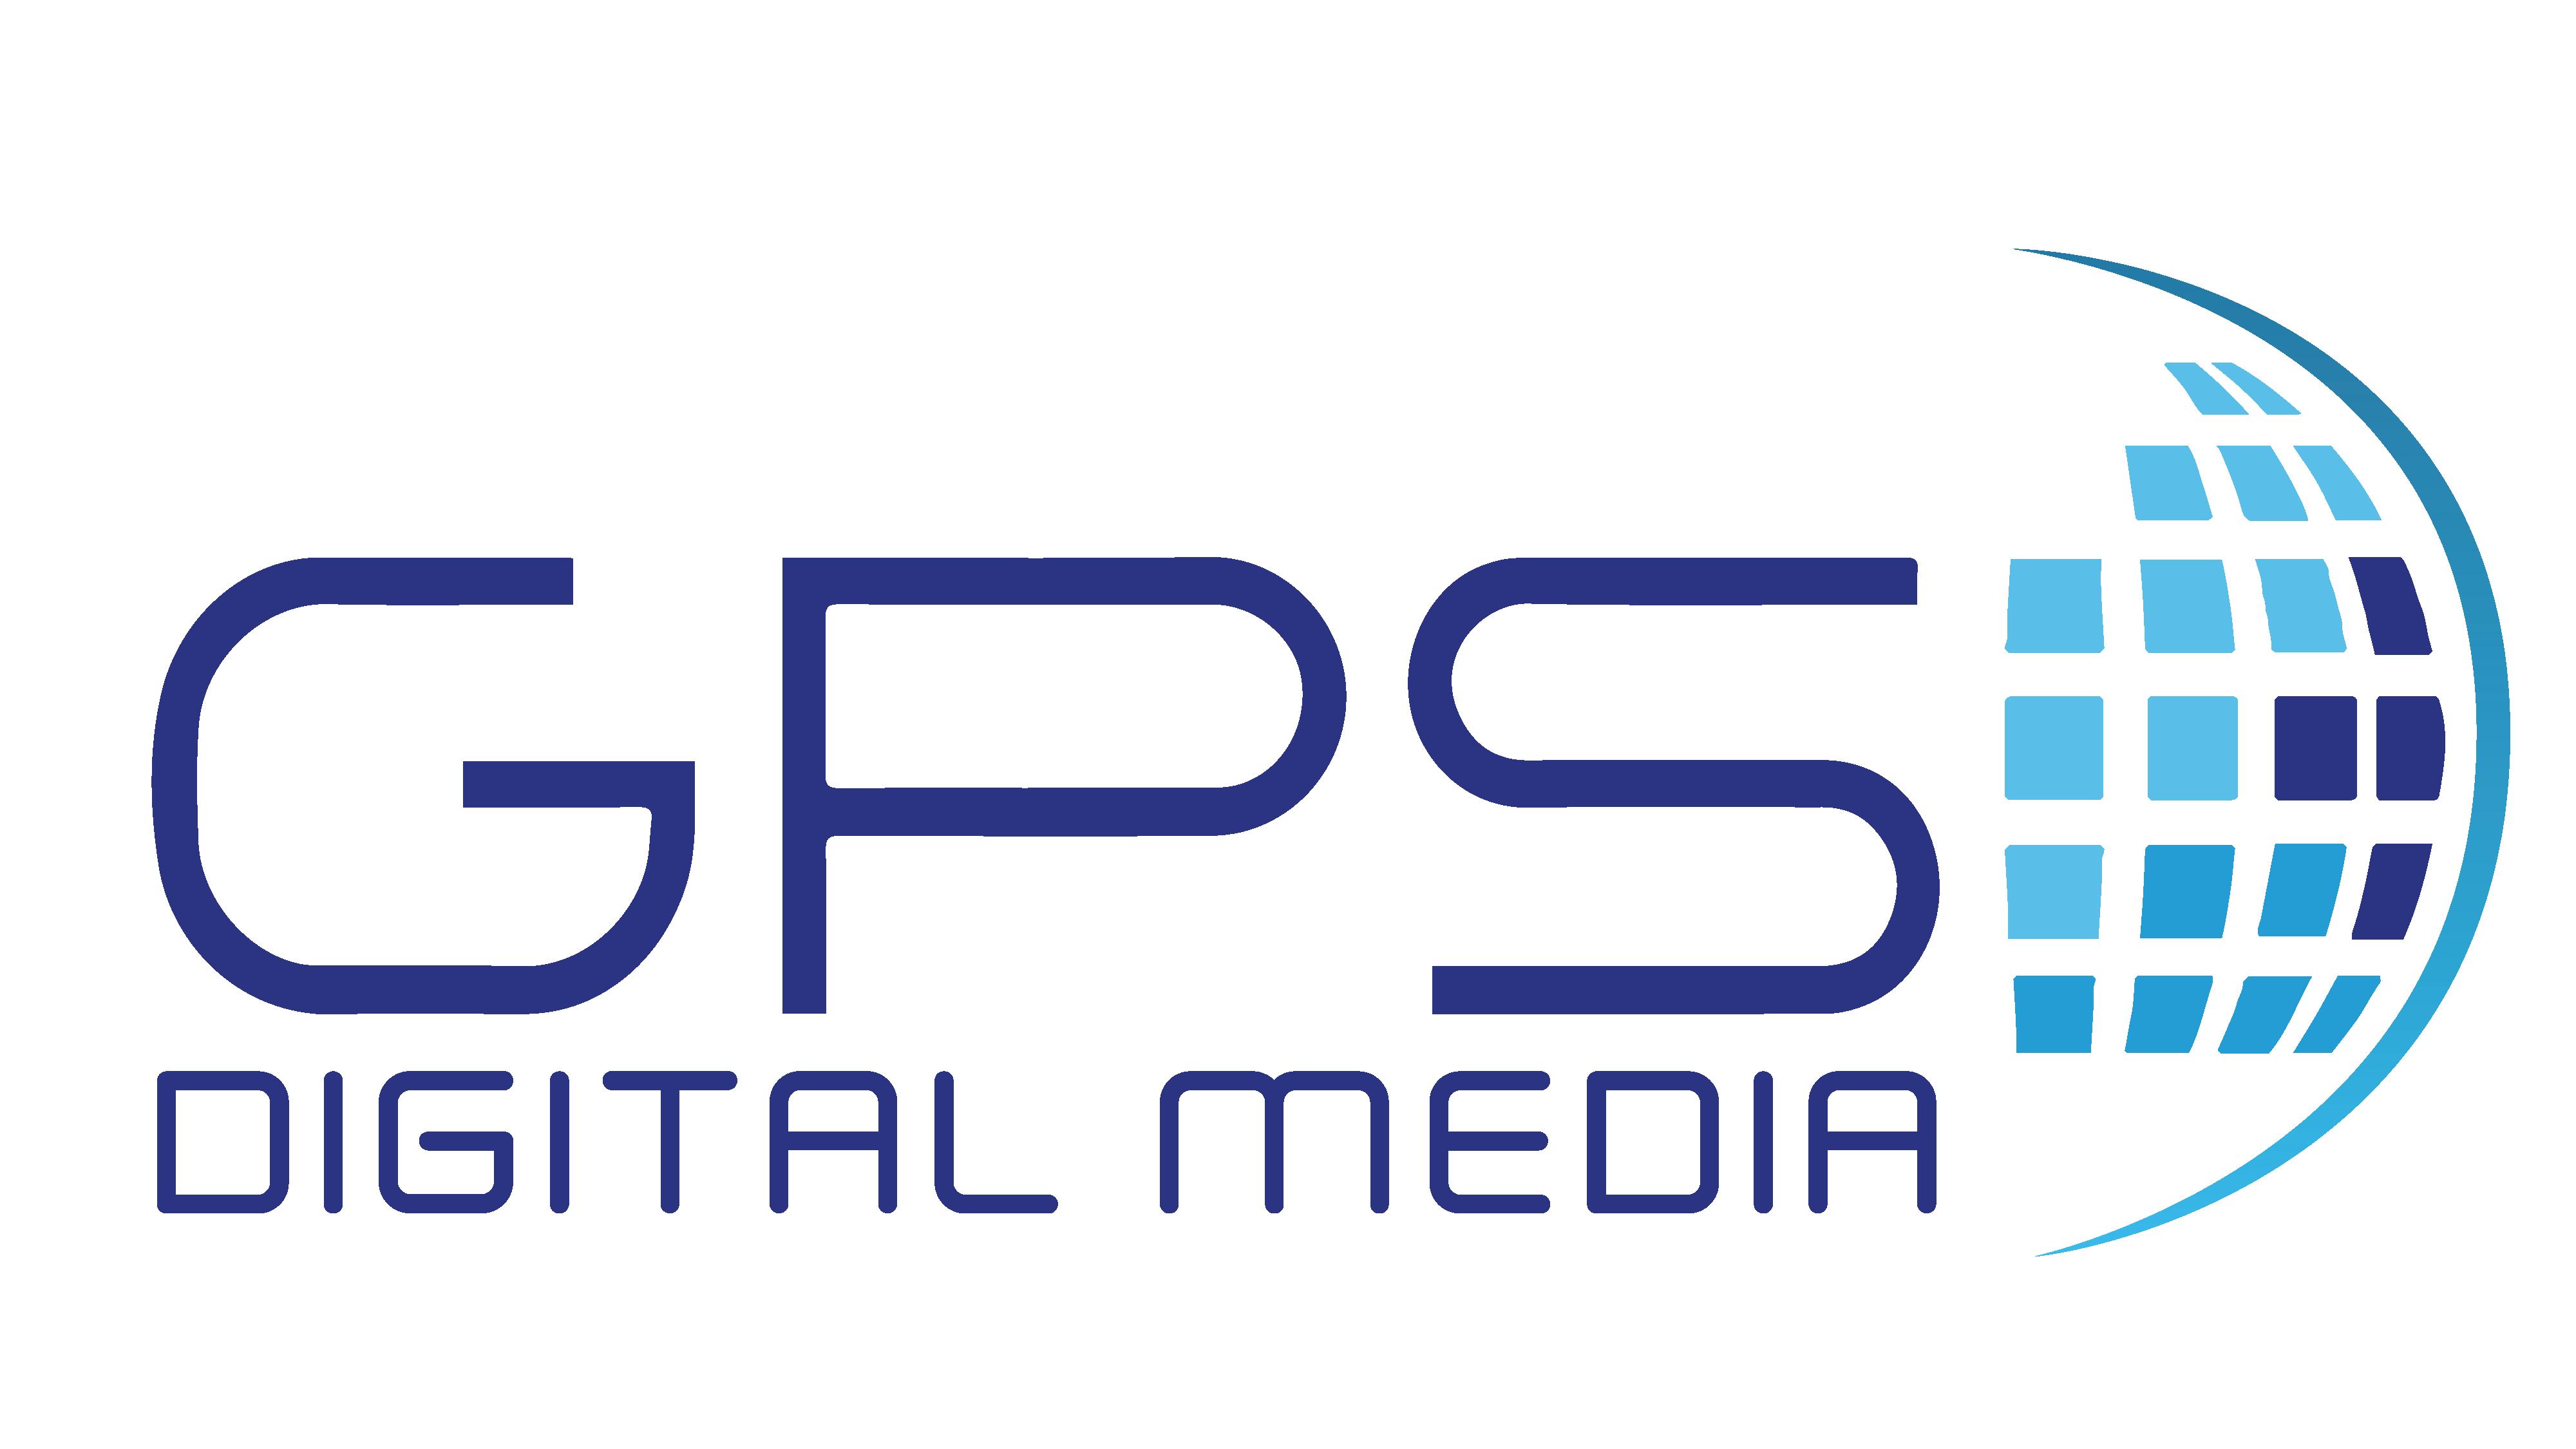 GPS Digital Media